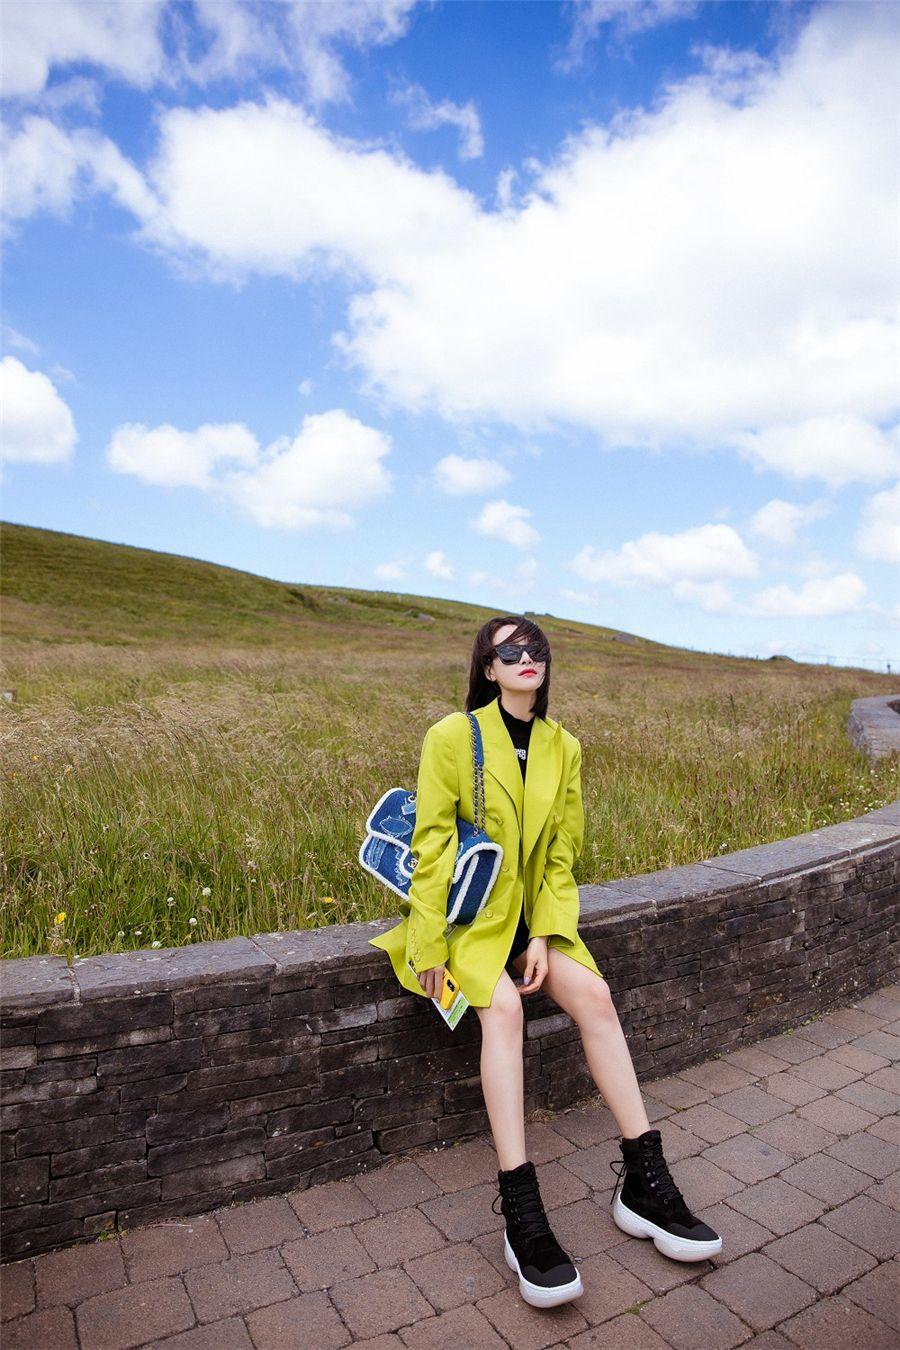 宋茜爱尔兰旅行照出炉 恣意玩耍享受惬意时光